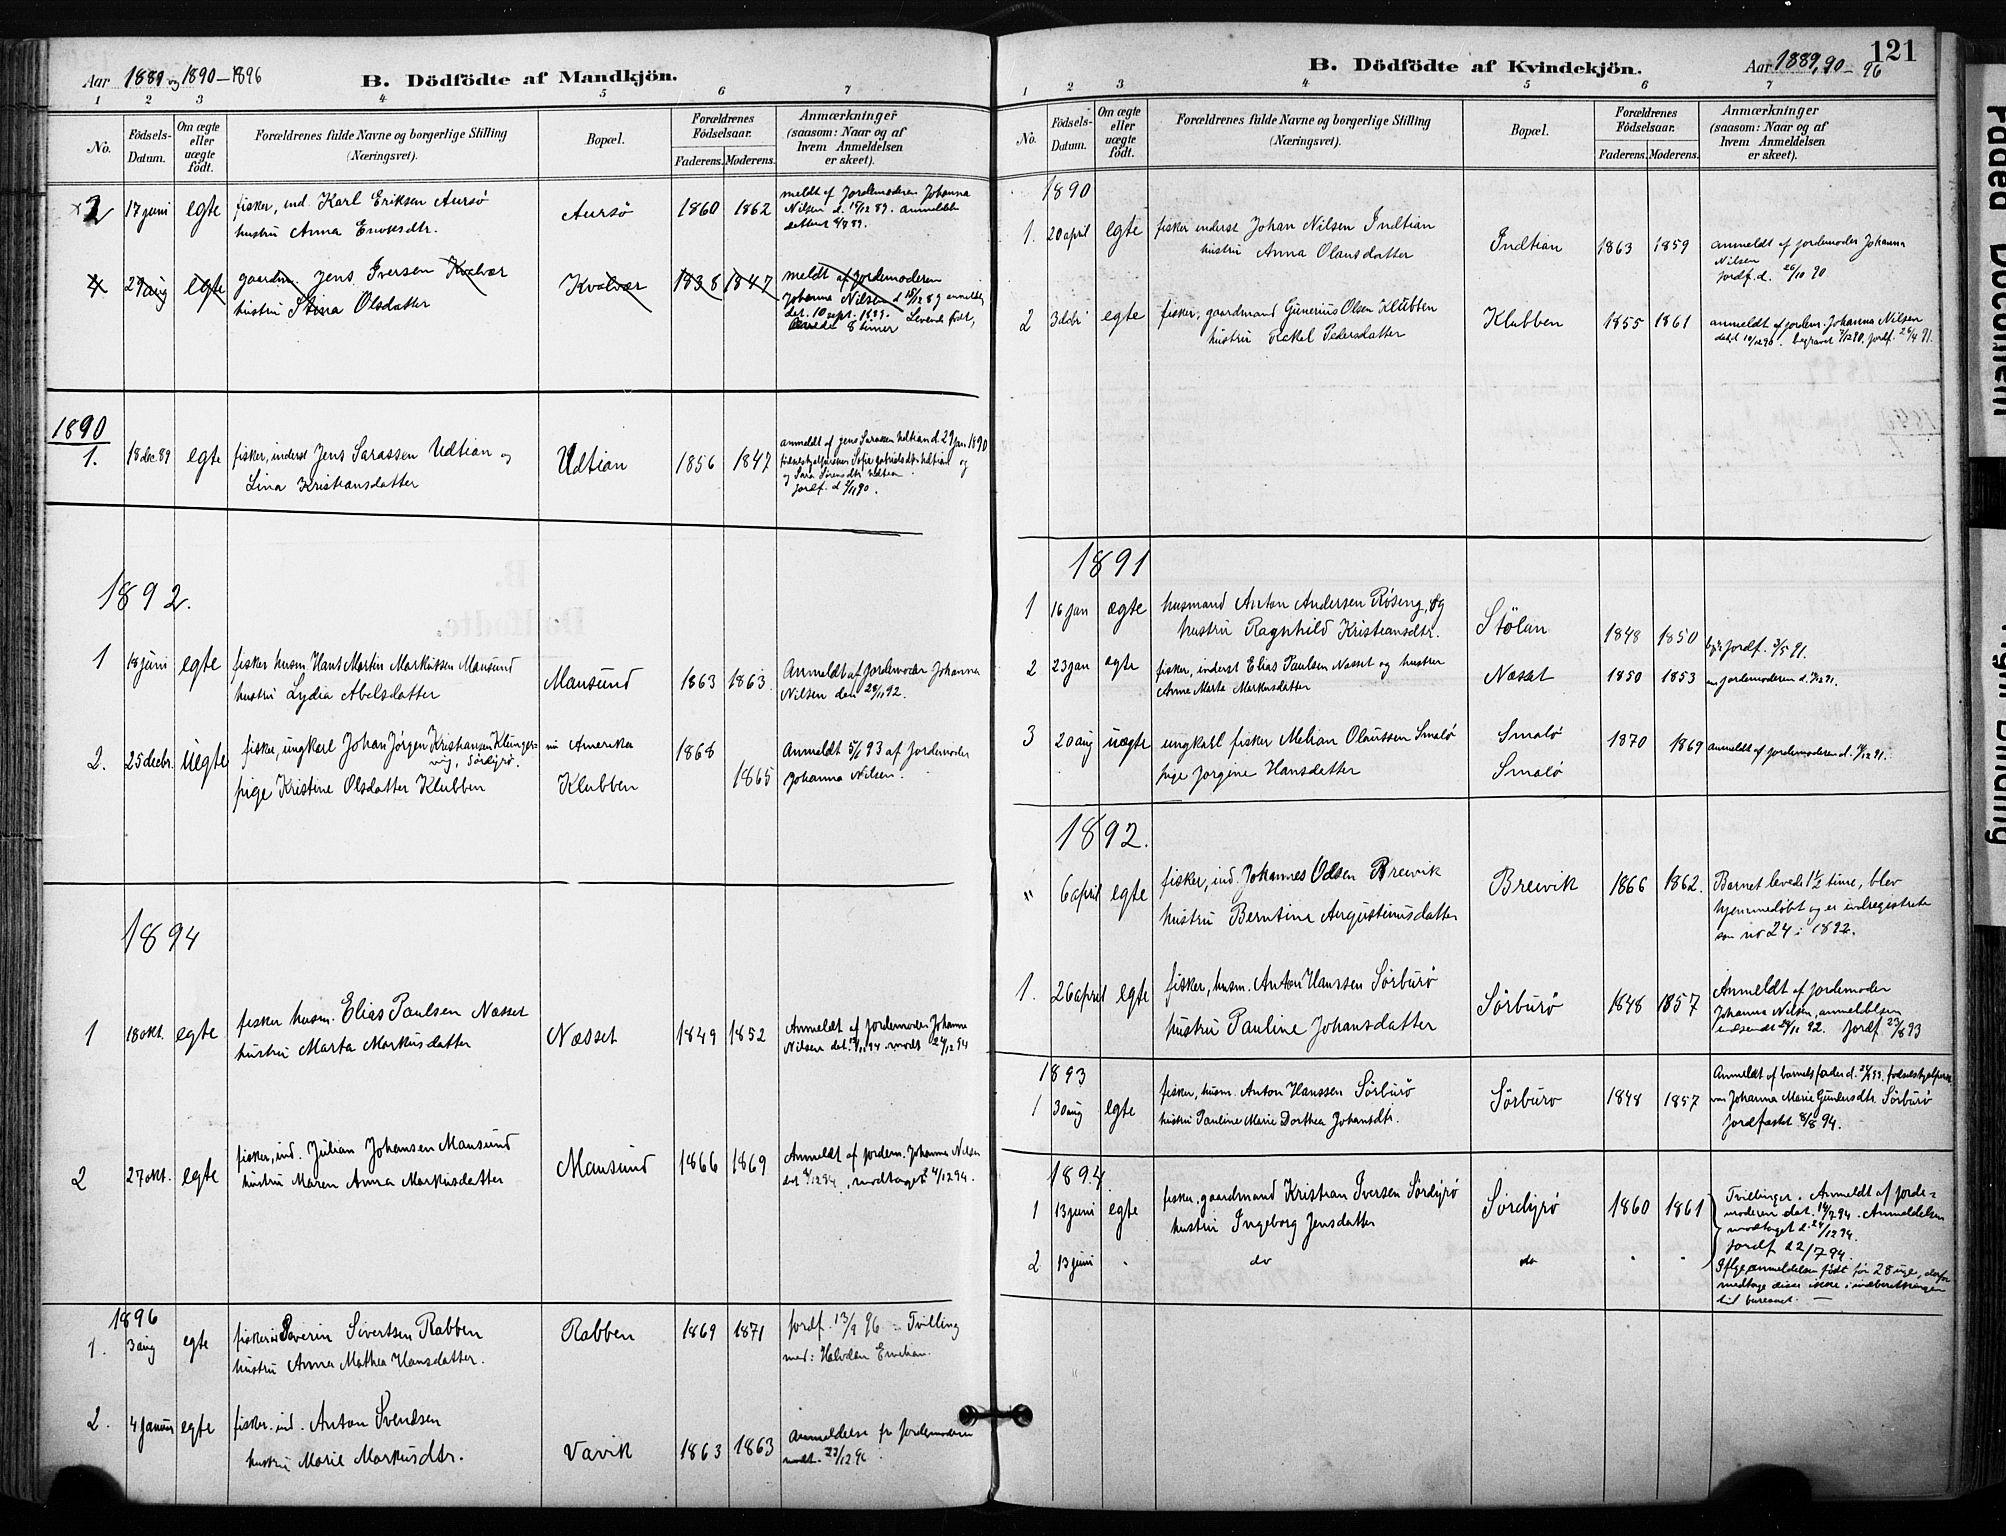 SAT, Ministerialprotokoller, klokkerbøker og fødselsregistre - Sør-Trøndelag, 640/L0579: Ministerialbok nr. 640A04, 1889-1902, s. 121